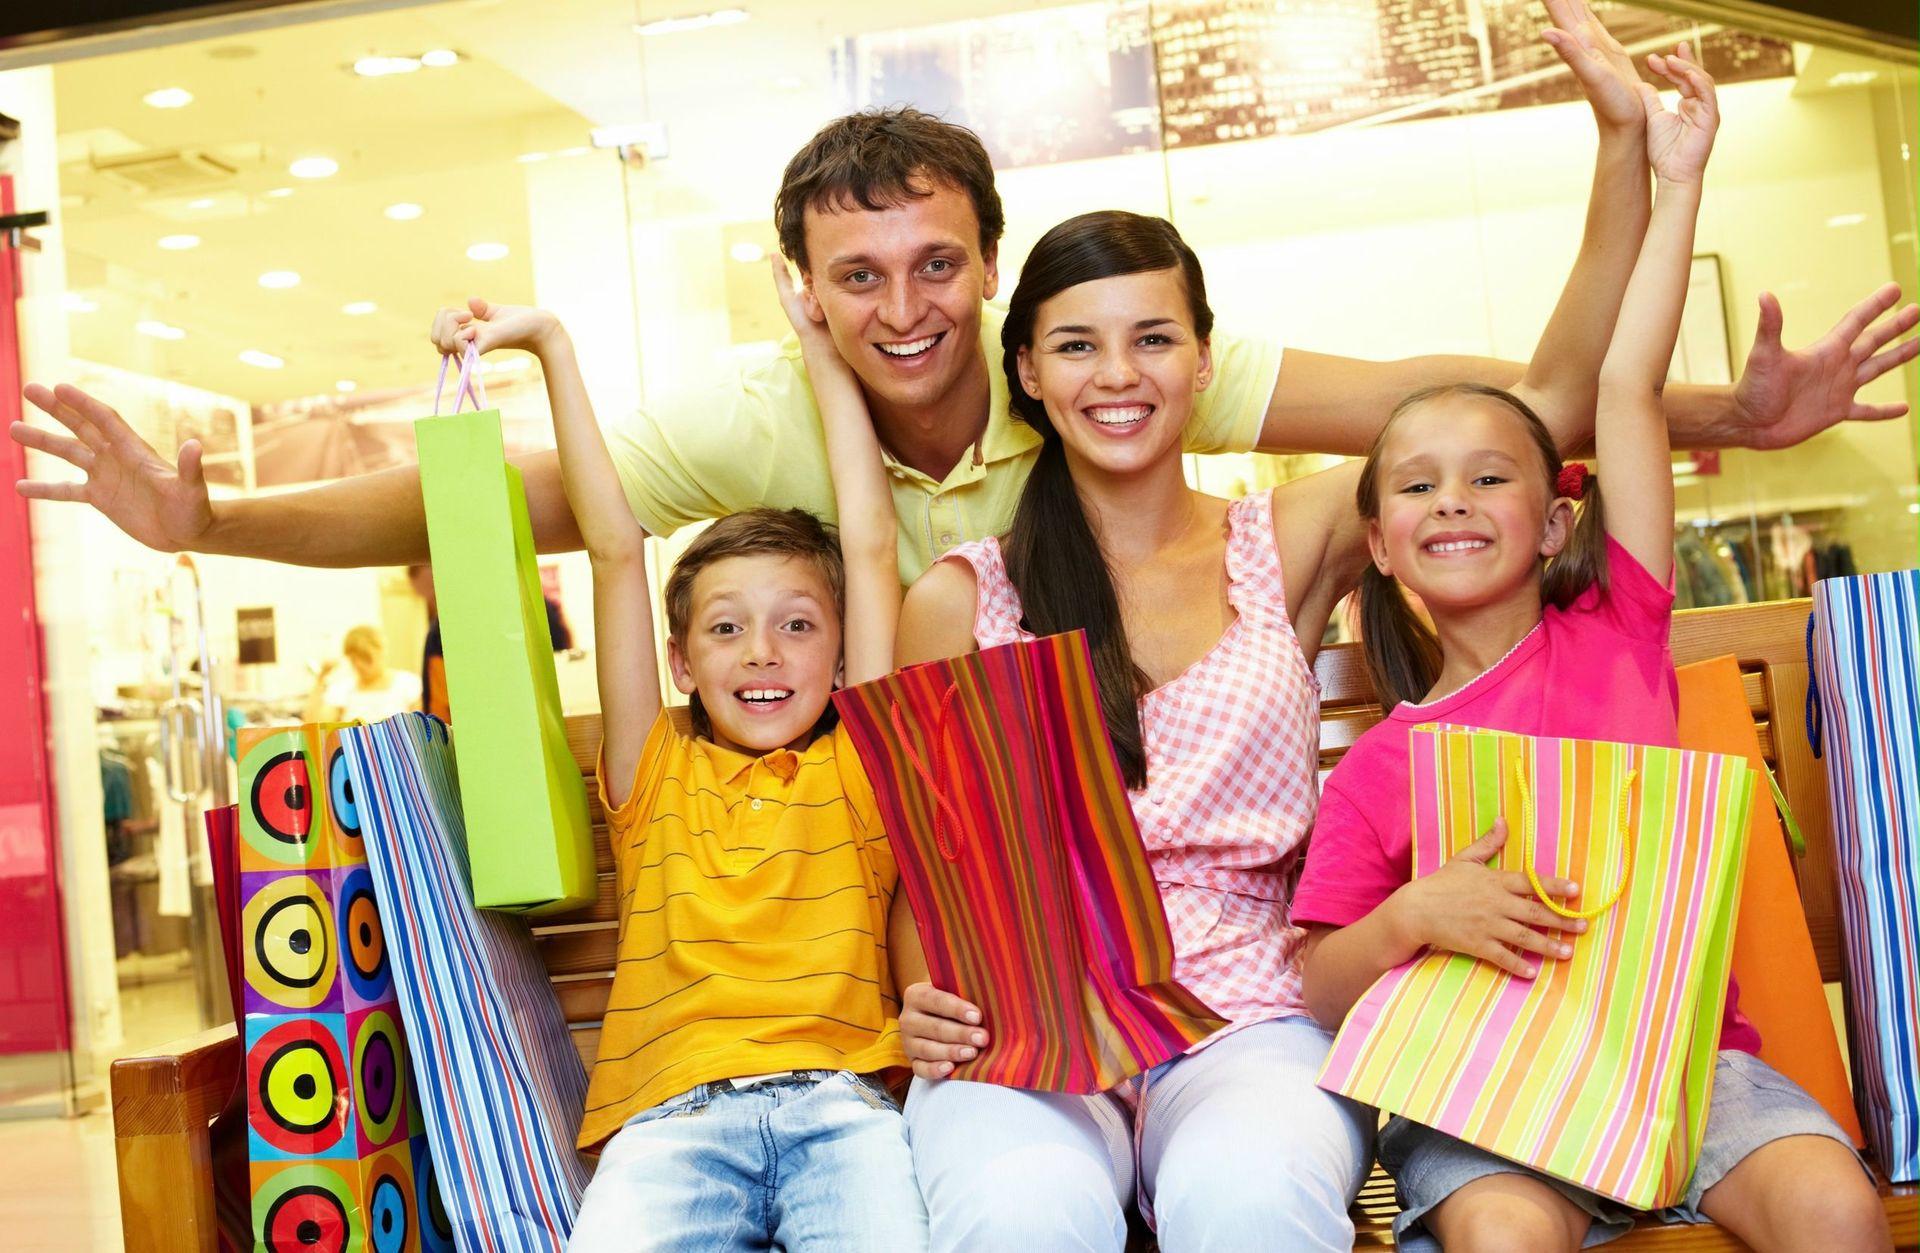 happy-family-shopping-happy-family